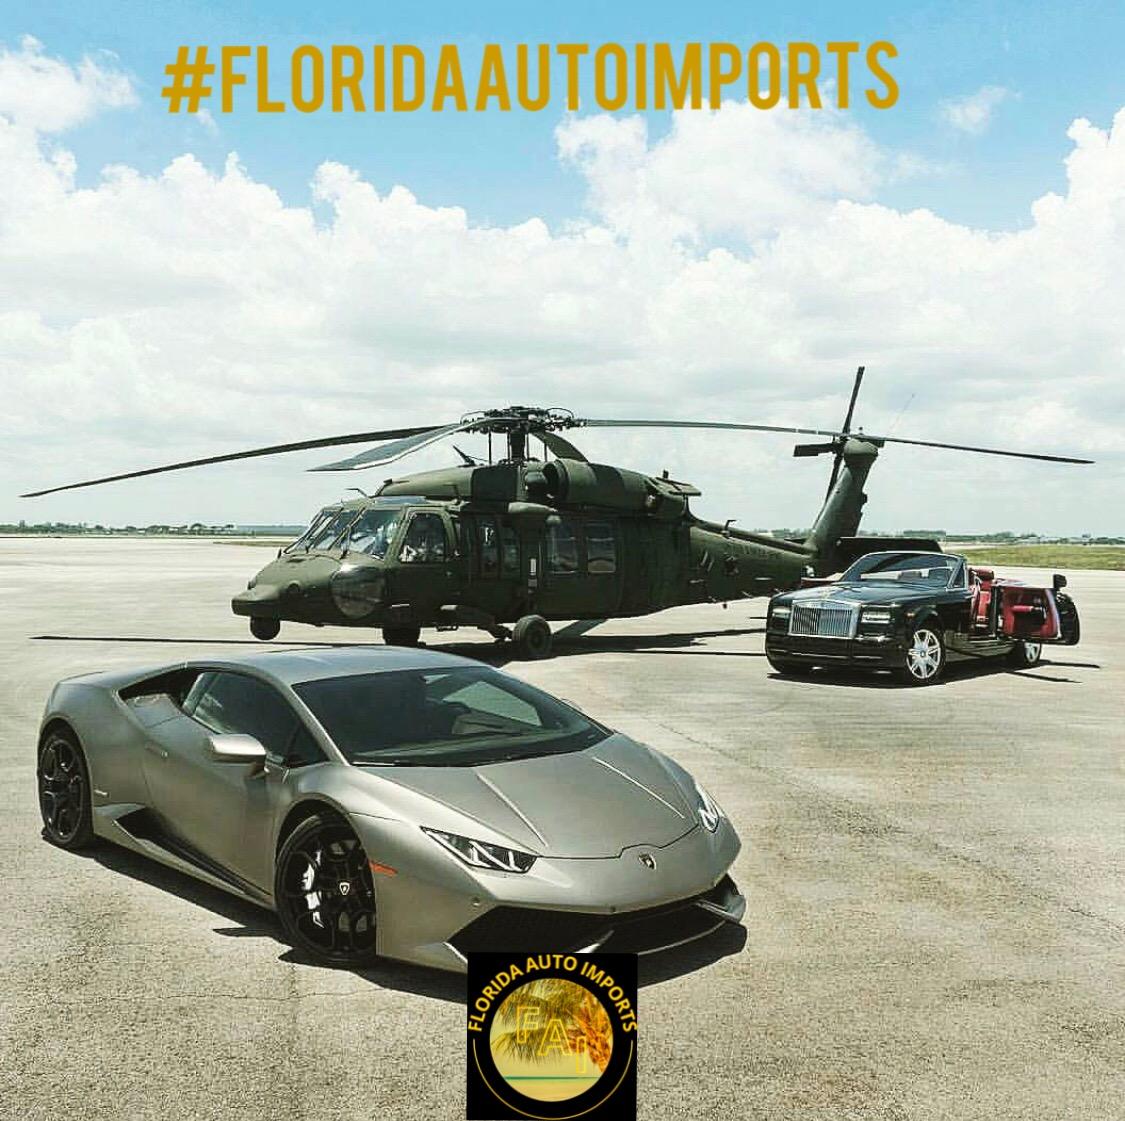 Florida Auto Imports image 1